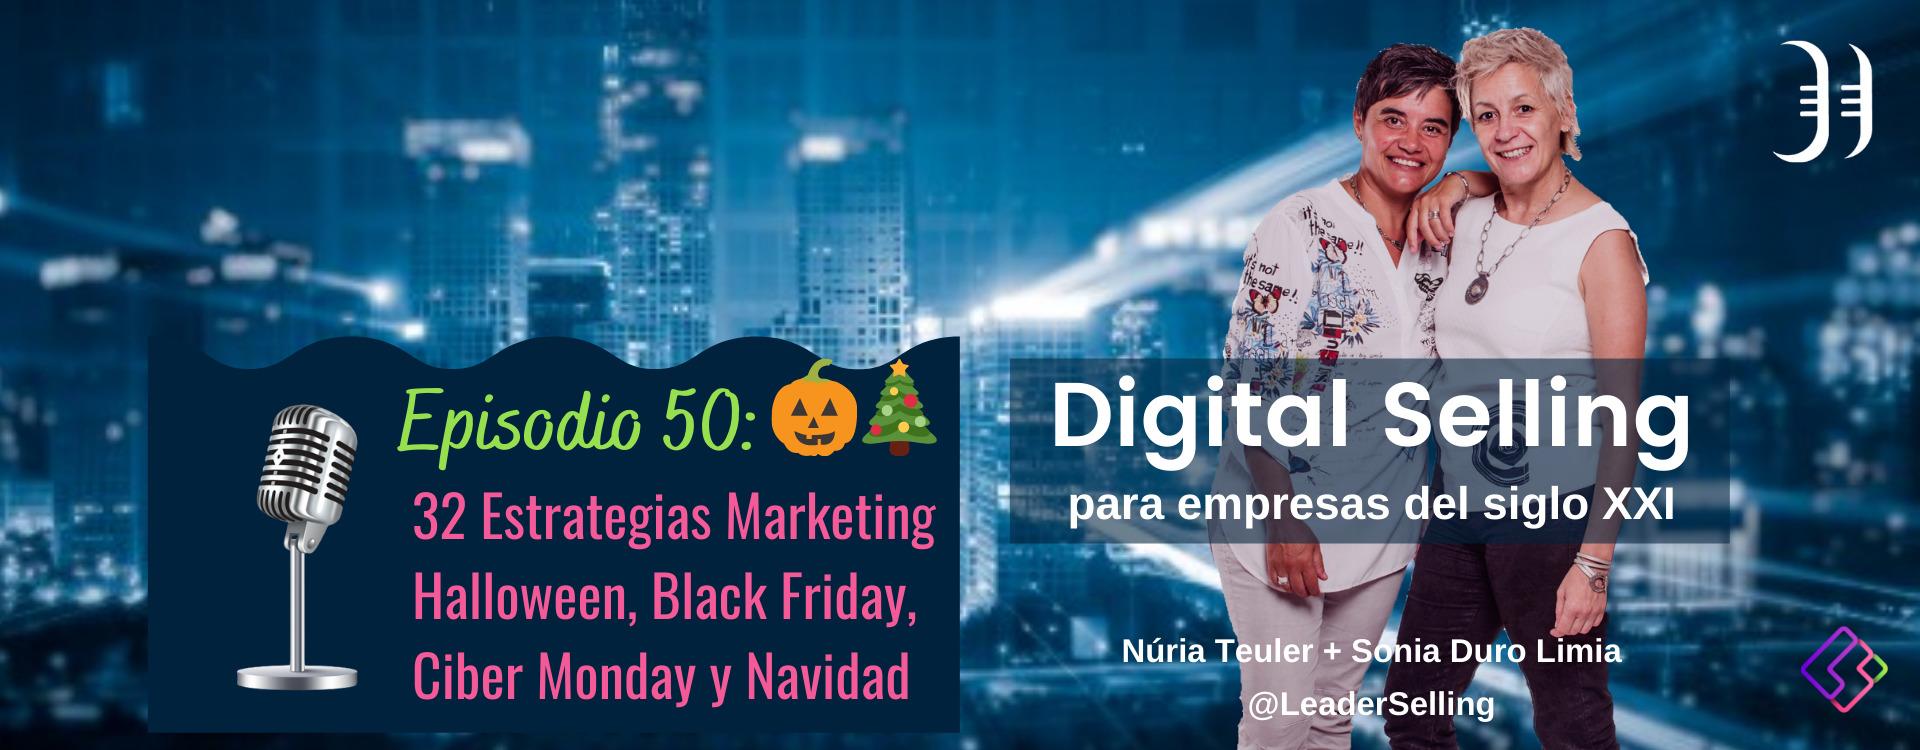 Episodio 50.  Las 32 estrategias de marketing para el Black Friday, Halloween, Ciber Monday y Navidad